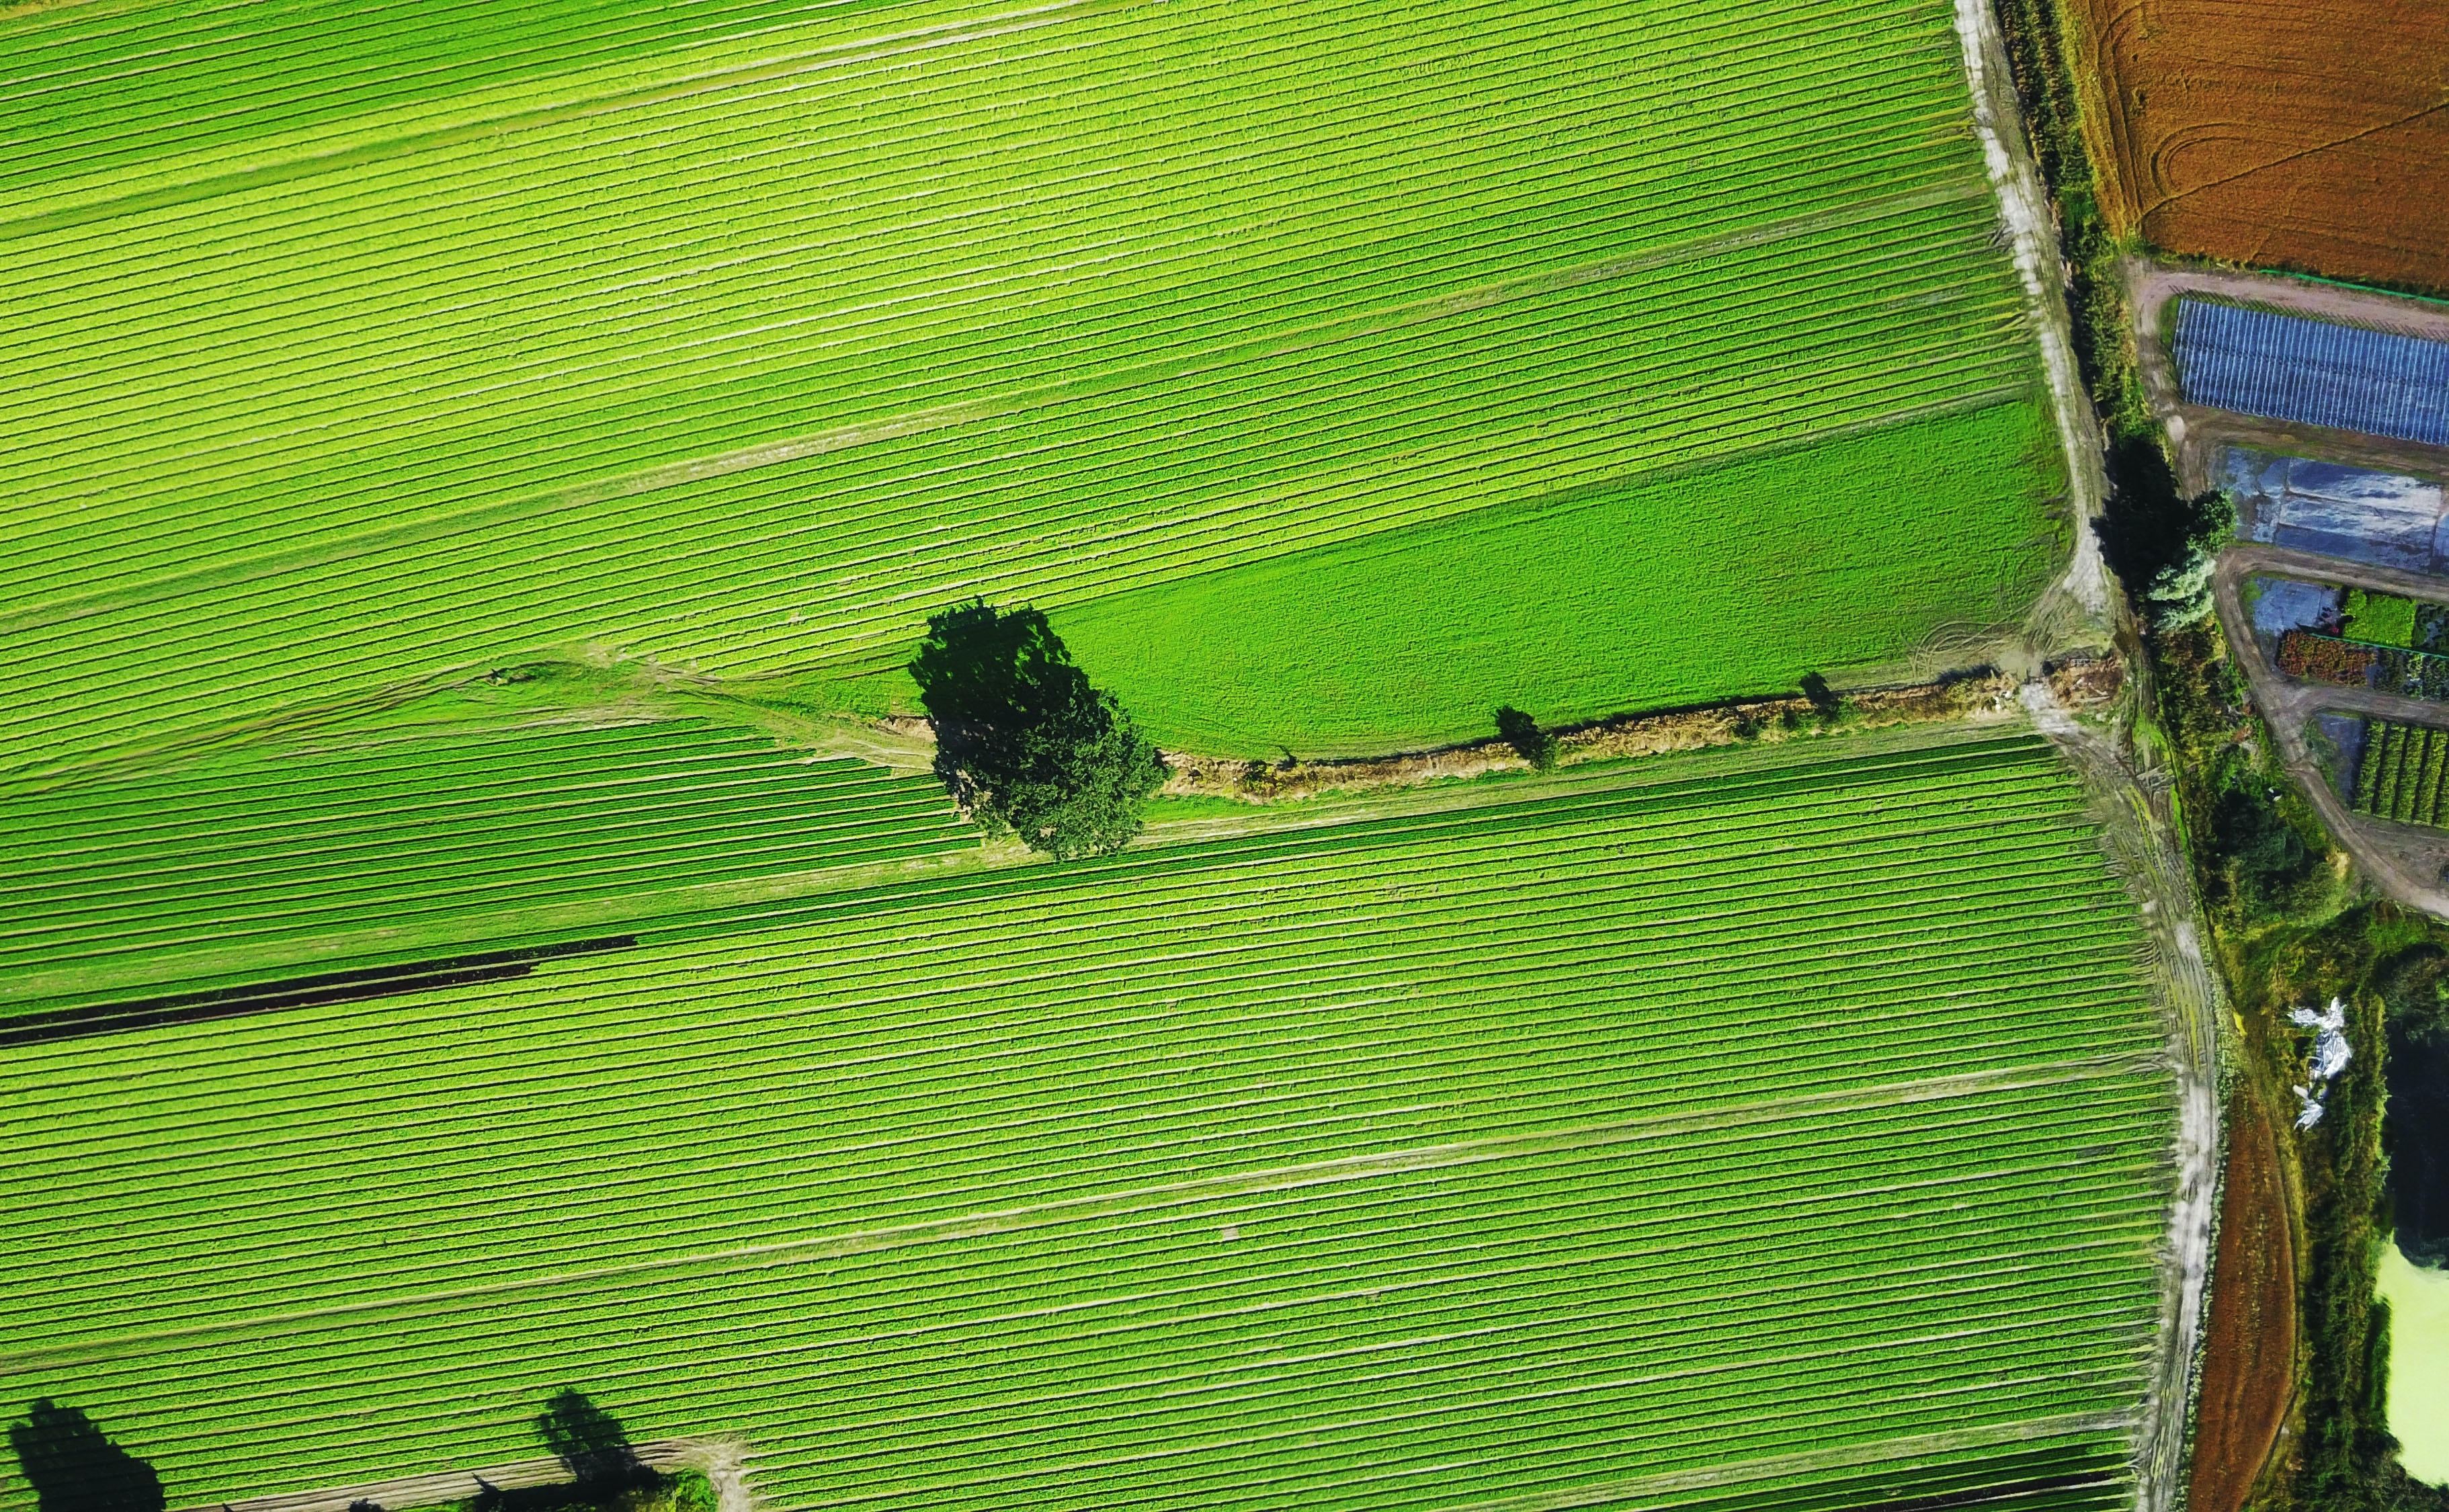 bird eye view of grass field